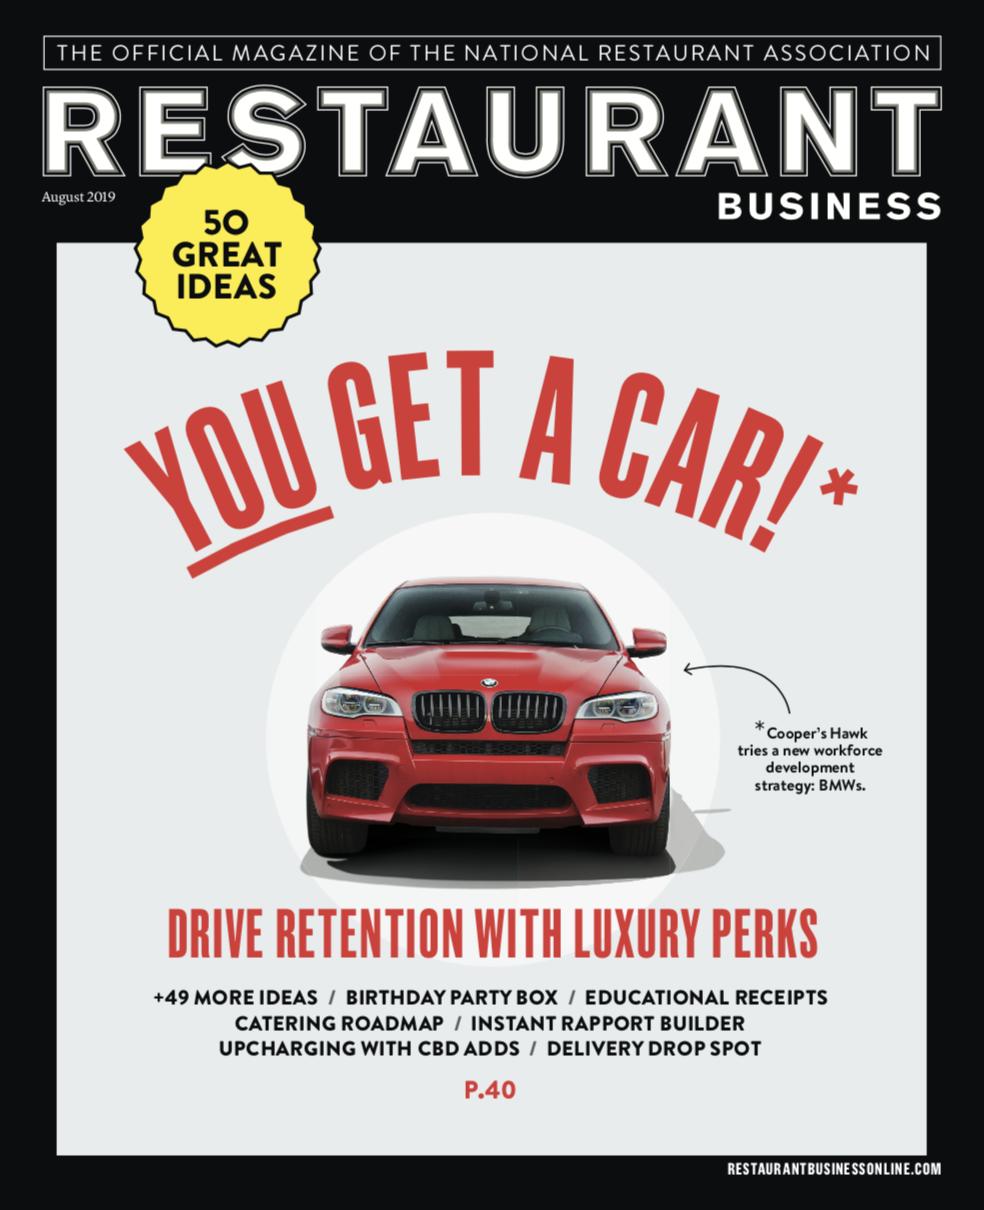 Restaurant Business Magazine August 2019 Issue